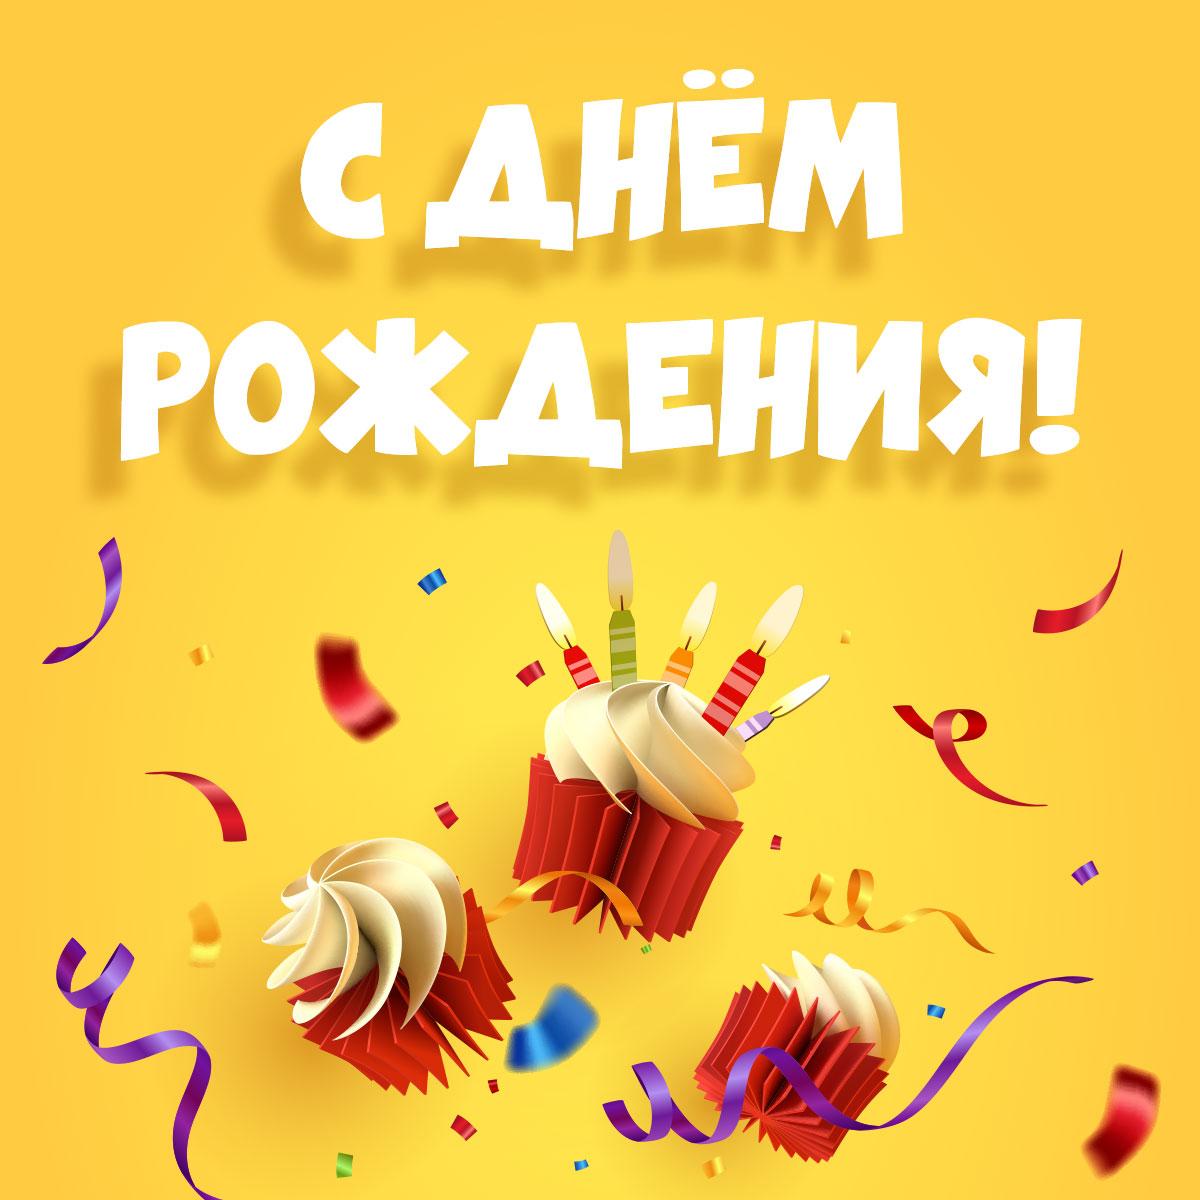 Жёлтая картинка с текстом, сладостями и свечами.